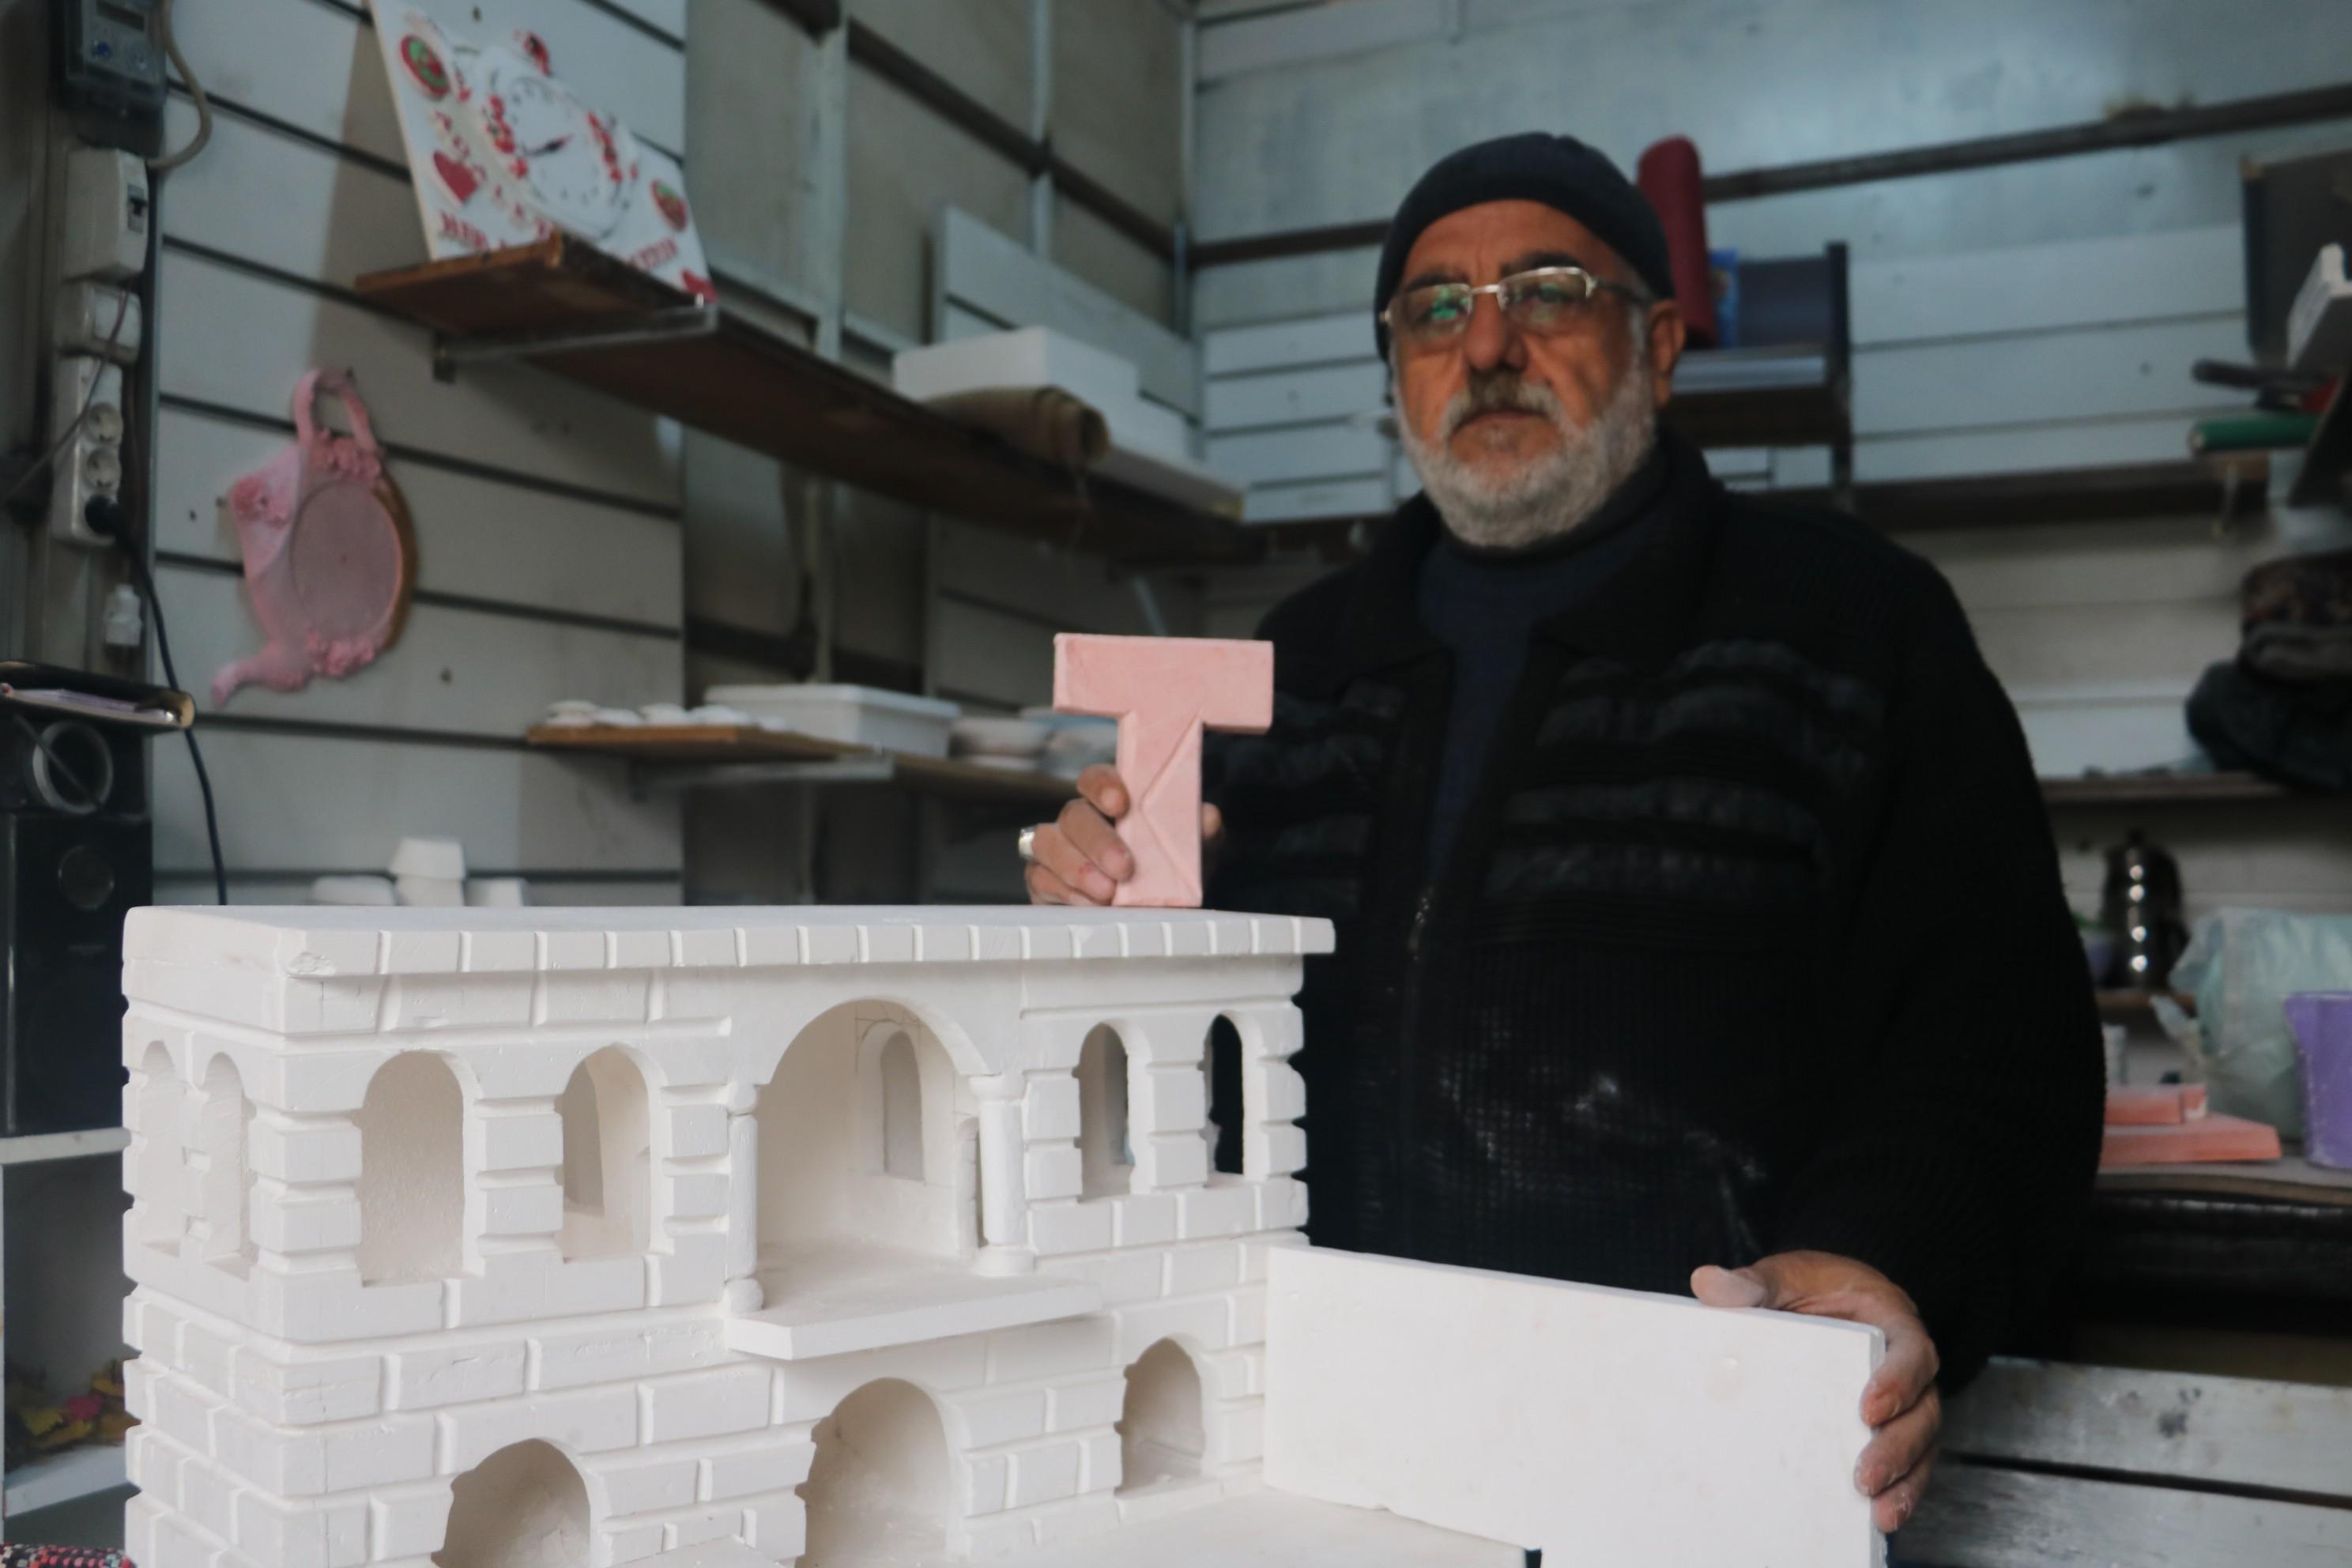 Hac farizasında gördüğü Bilali Habeşi Camisi'nin maketini yaptı